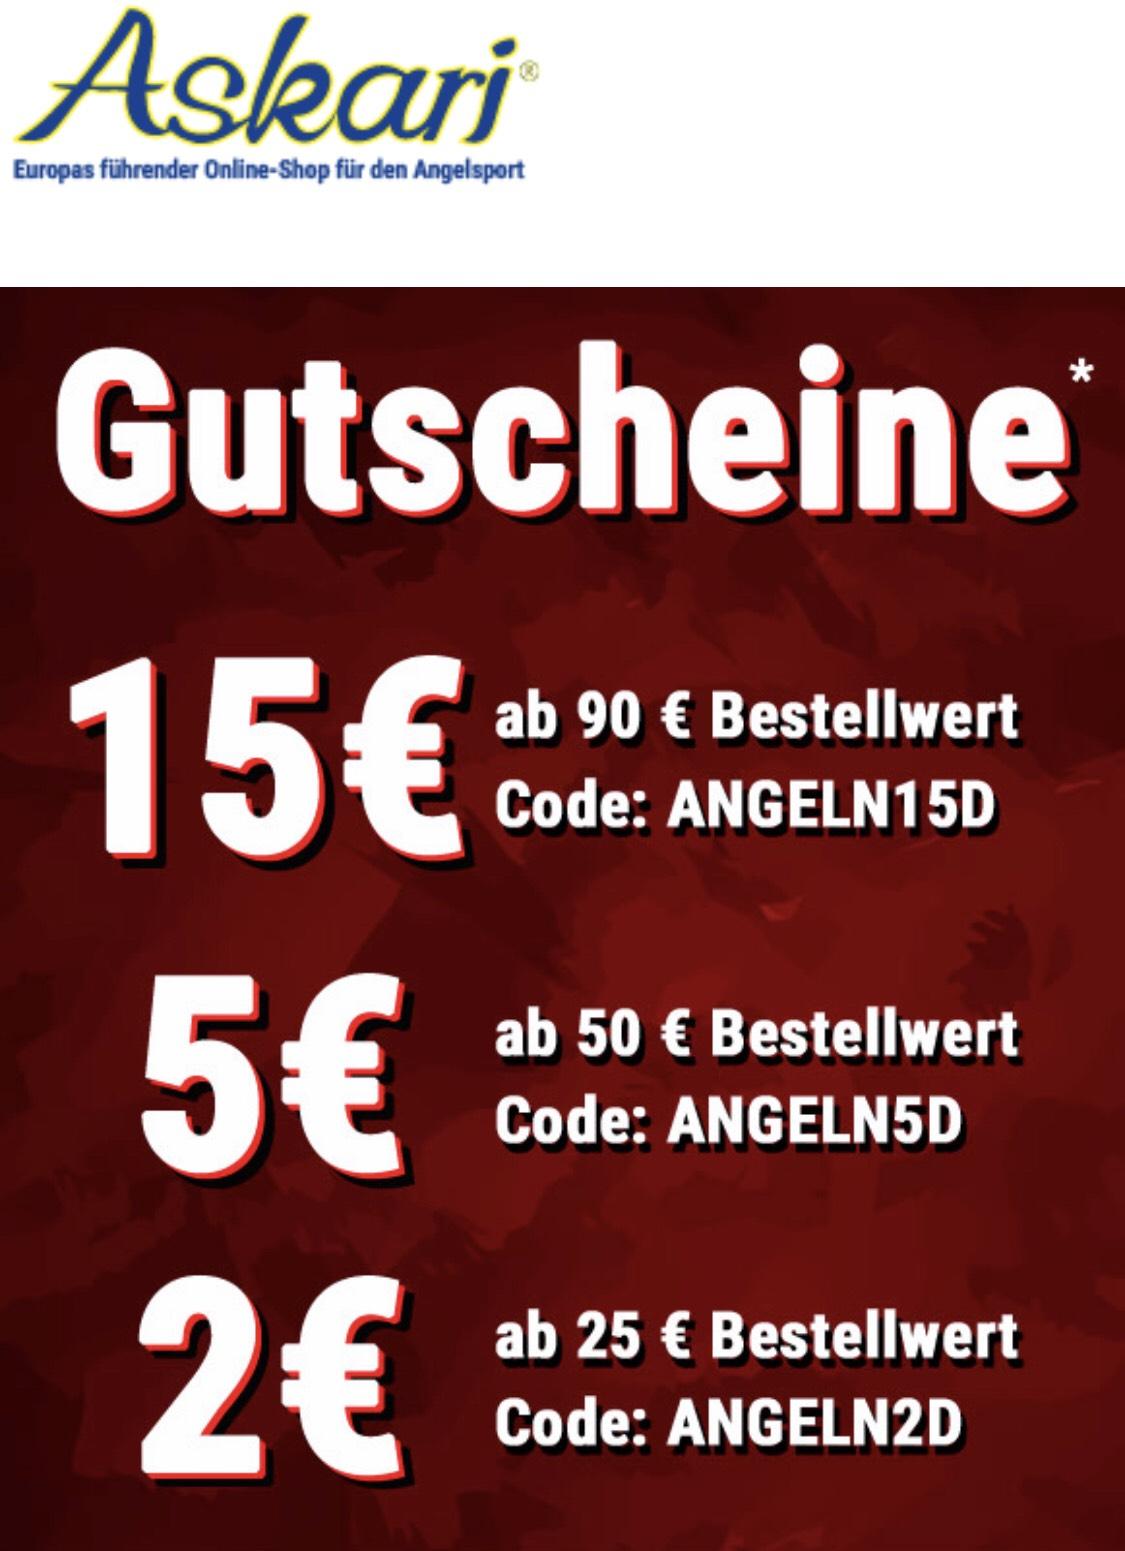 Askari Angelsport Gutscheine bis 15€ Rabatt (online)